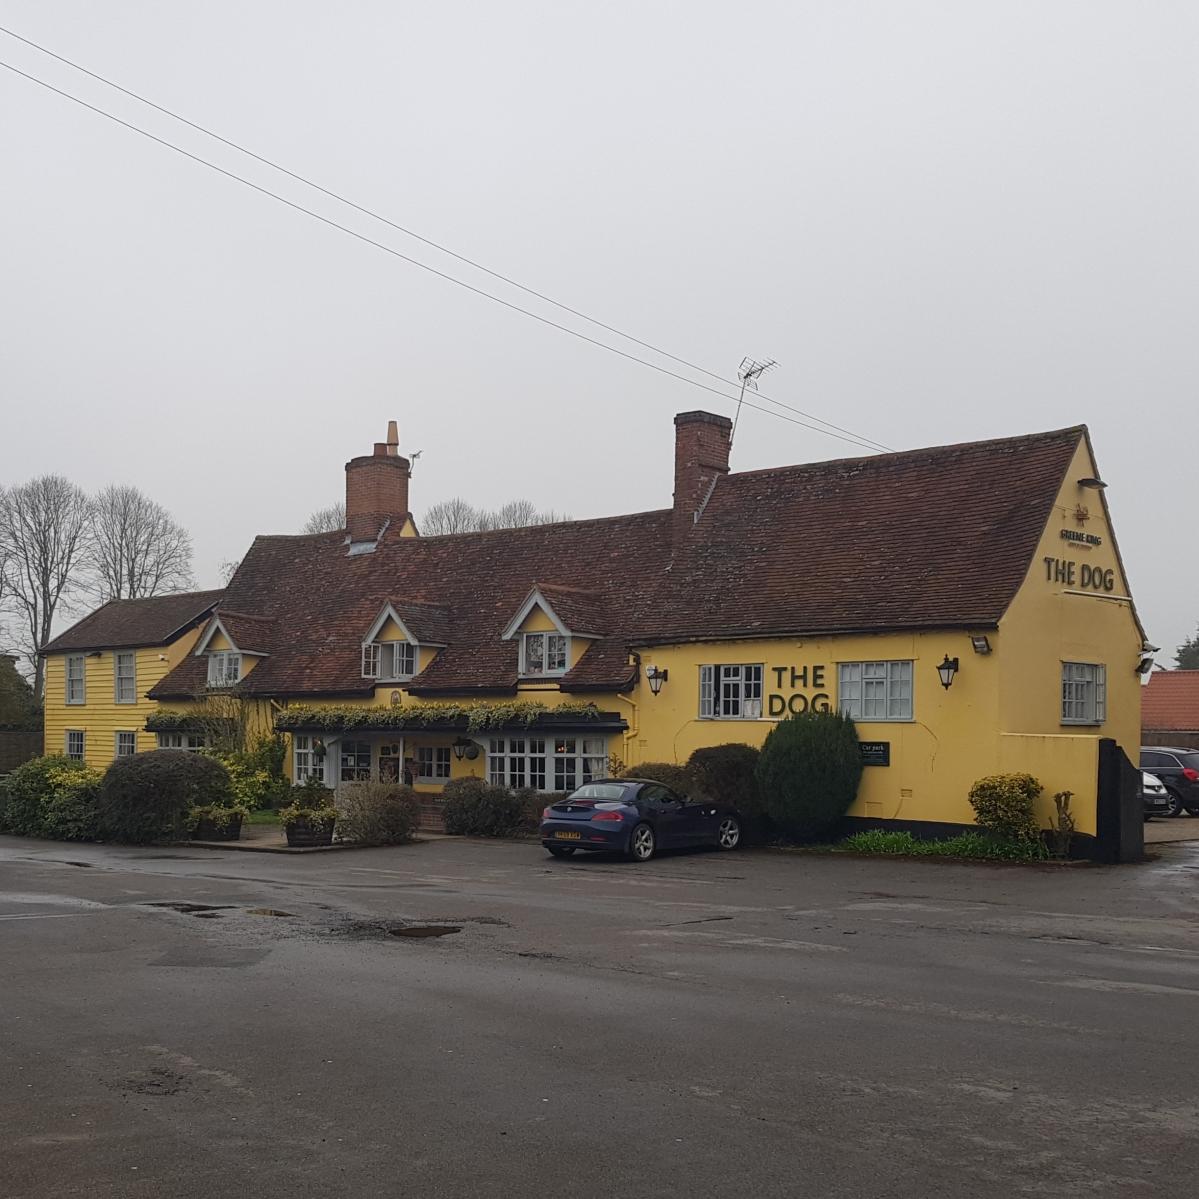 The Norton Dog, Suffolk,UK